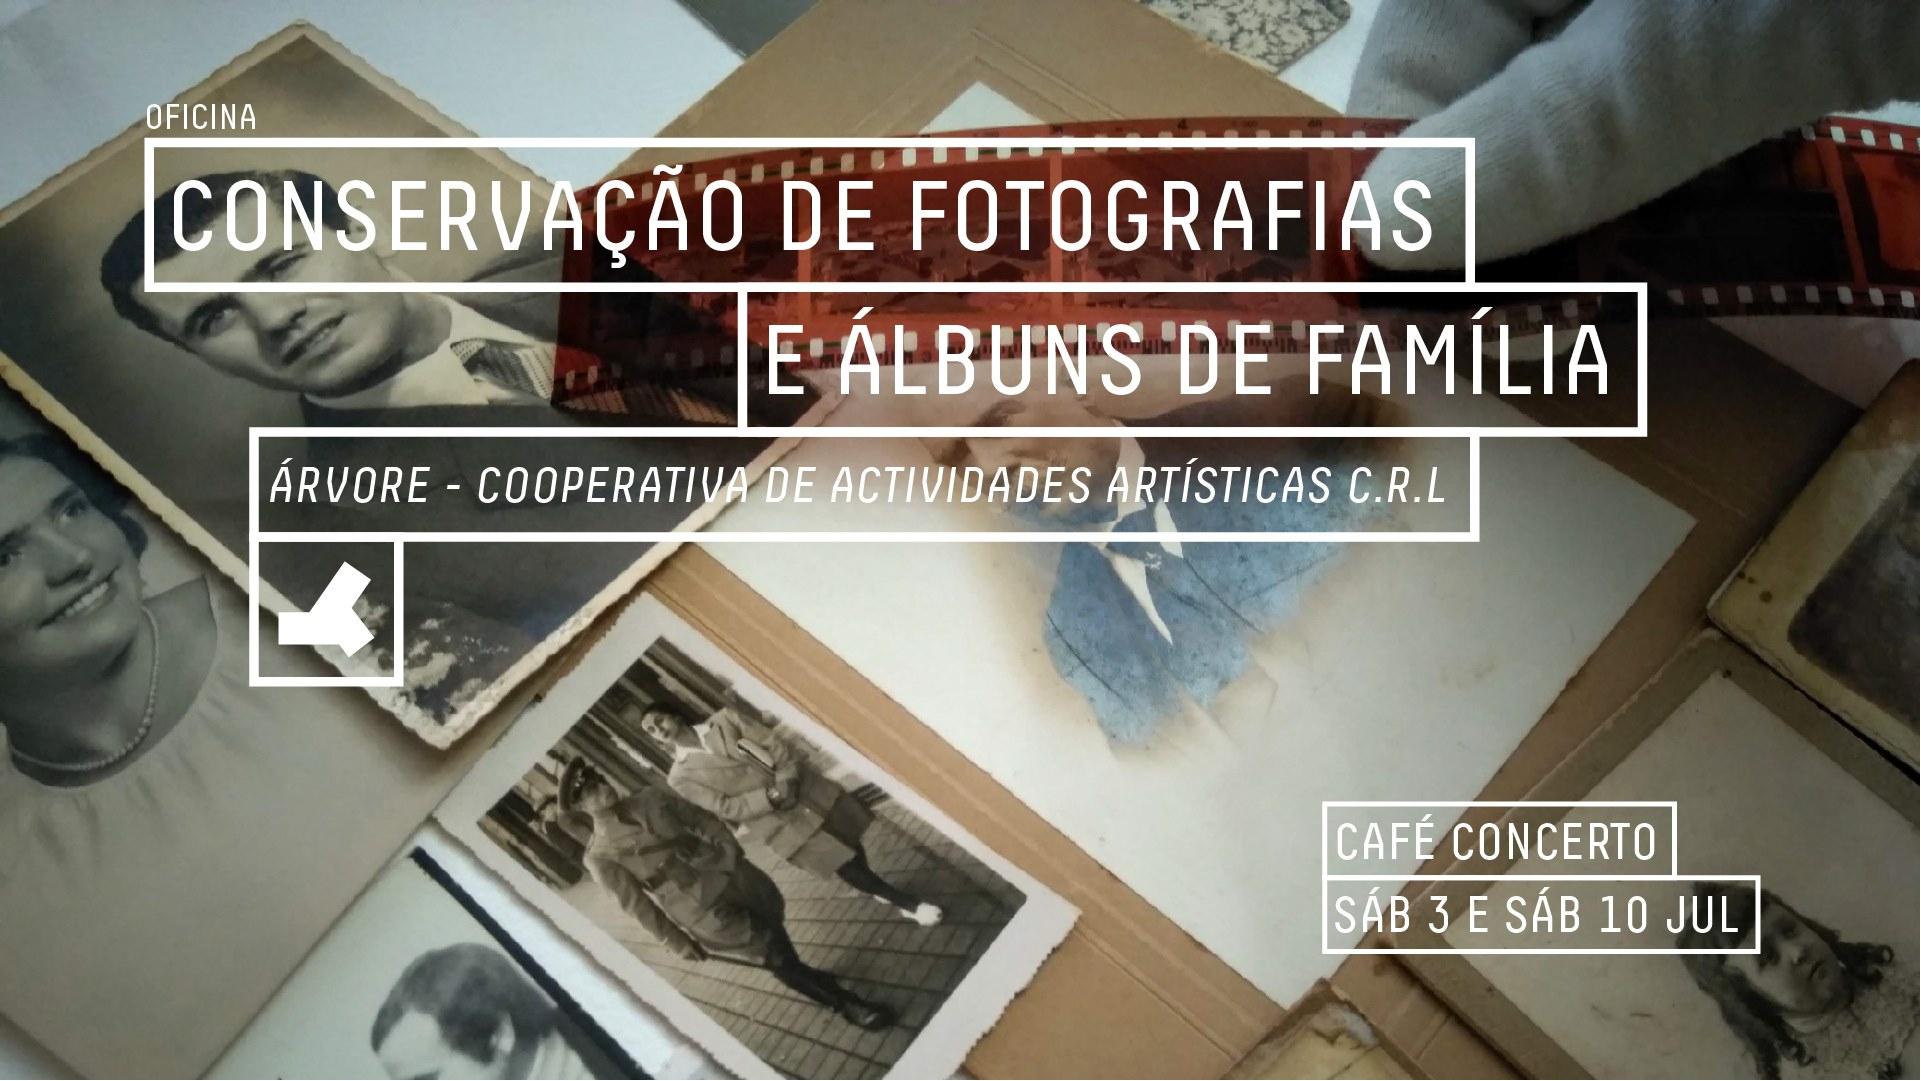 Conservação de Fotografias e Álbuns de Família - Oficina